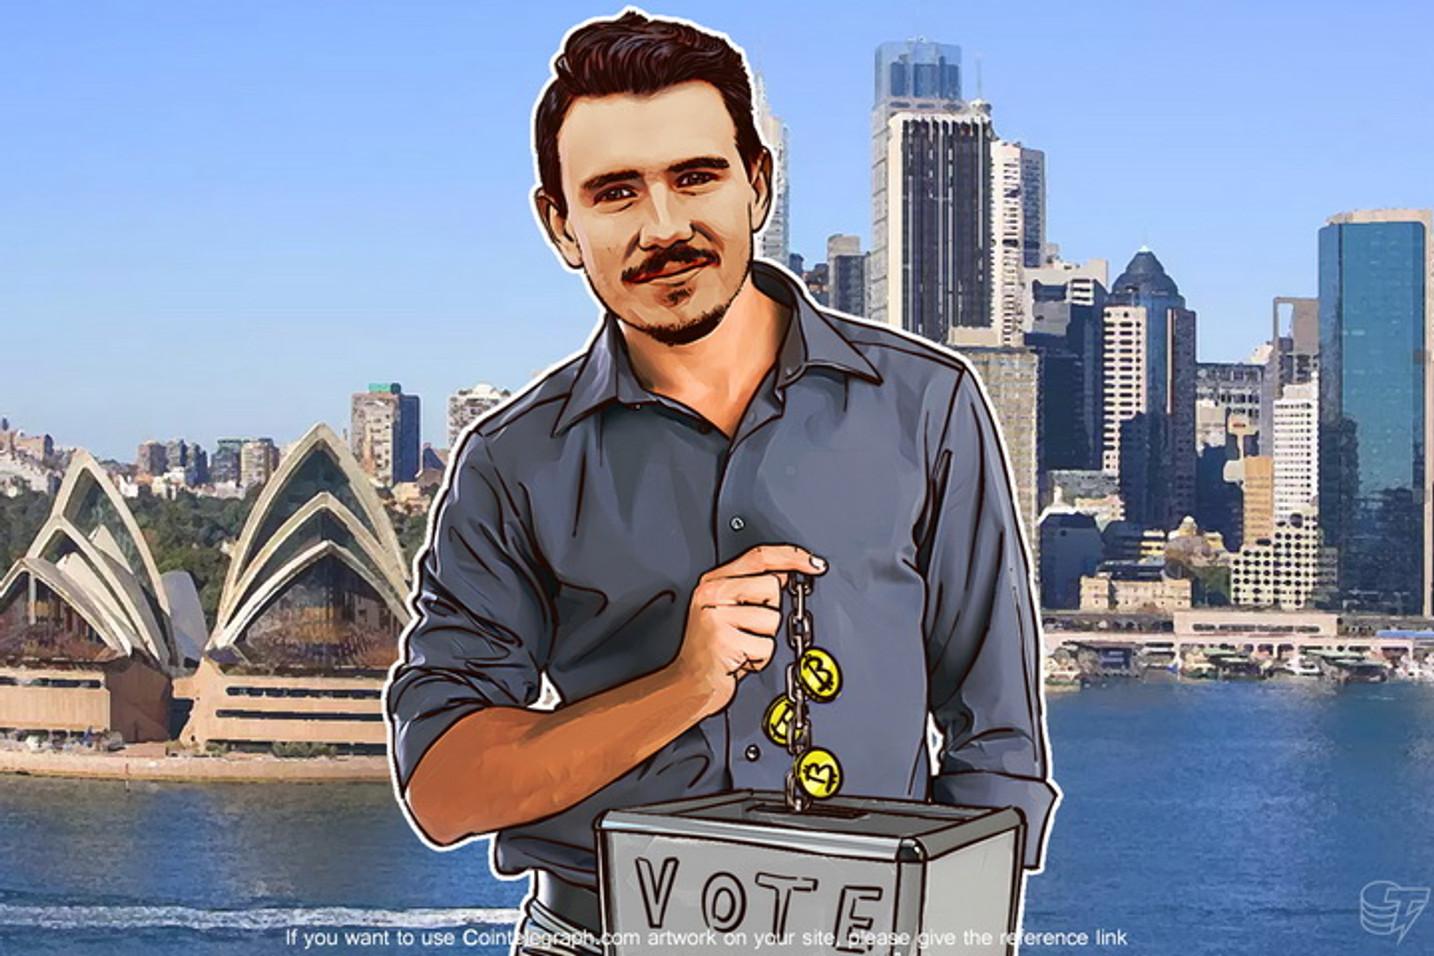 The Bitcoin Democracy Down Under: Vote Tokens to Disrupt Politics in Australia